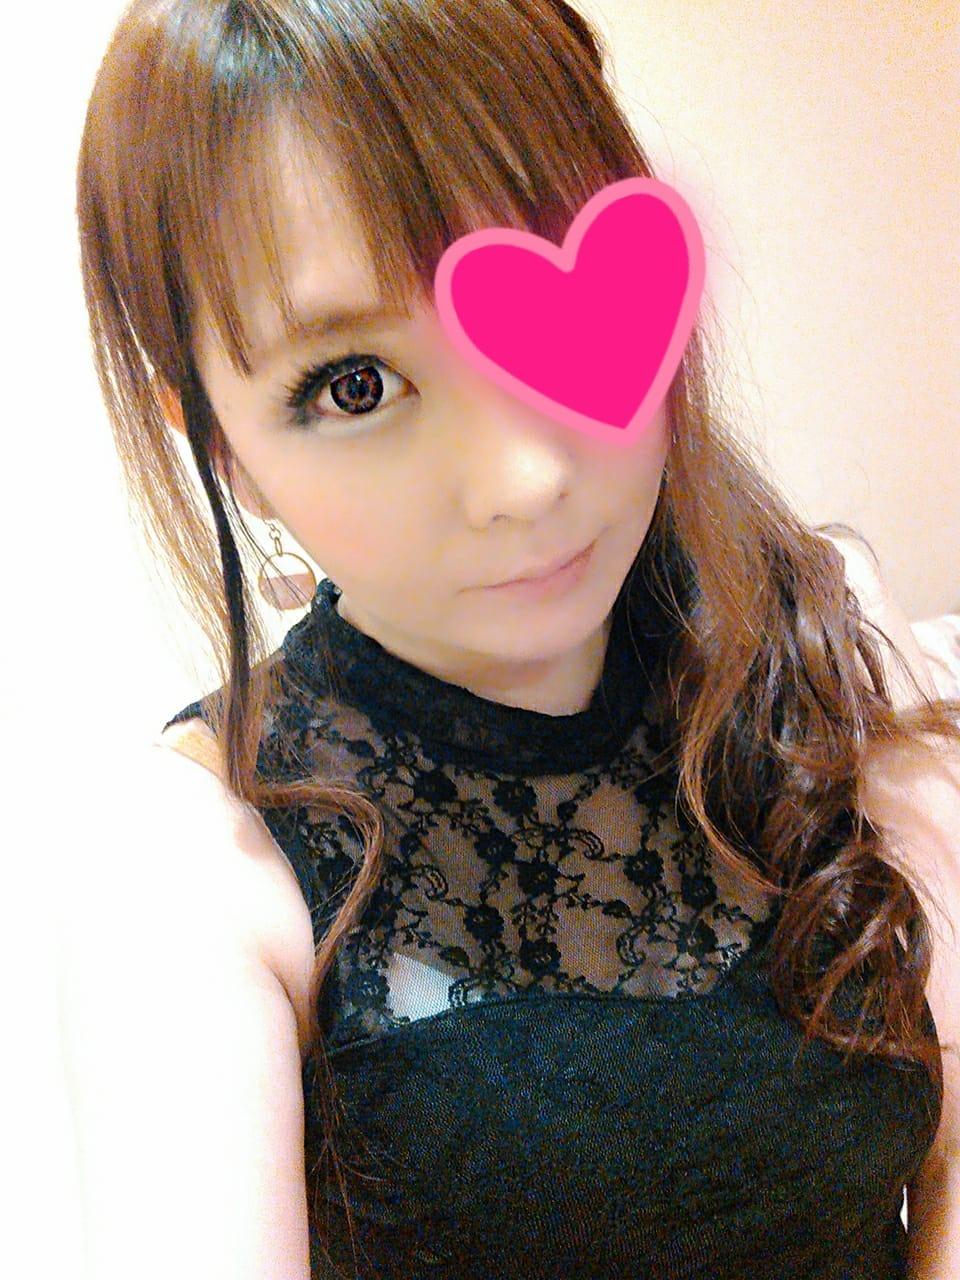 「こんばんは☆」02/23(02/23) 18:32 | けい 完全ド素人娘♪の写メ・風俗動画